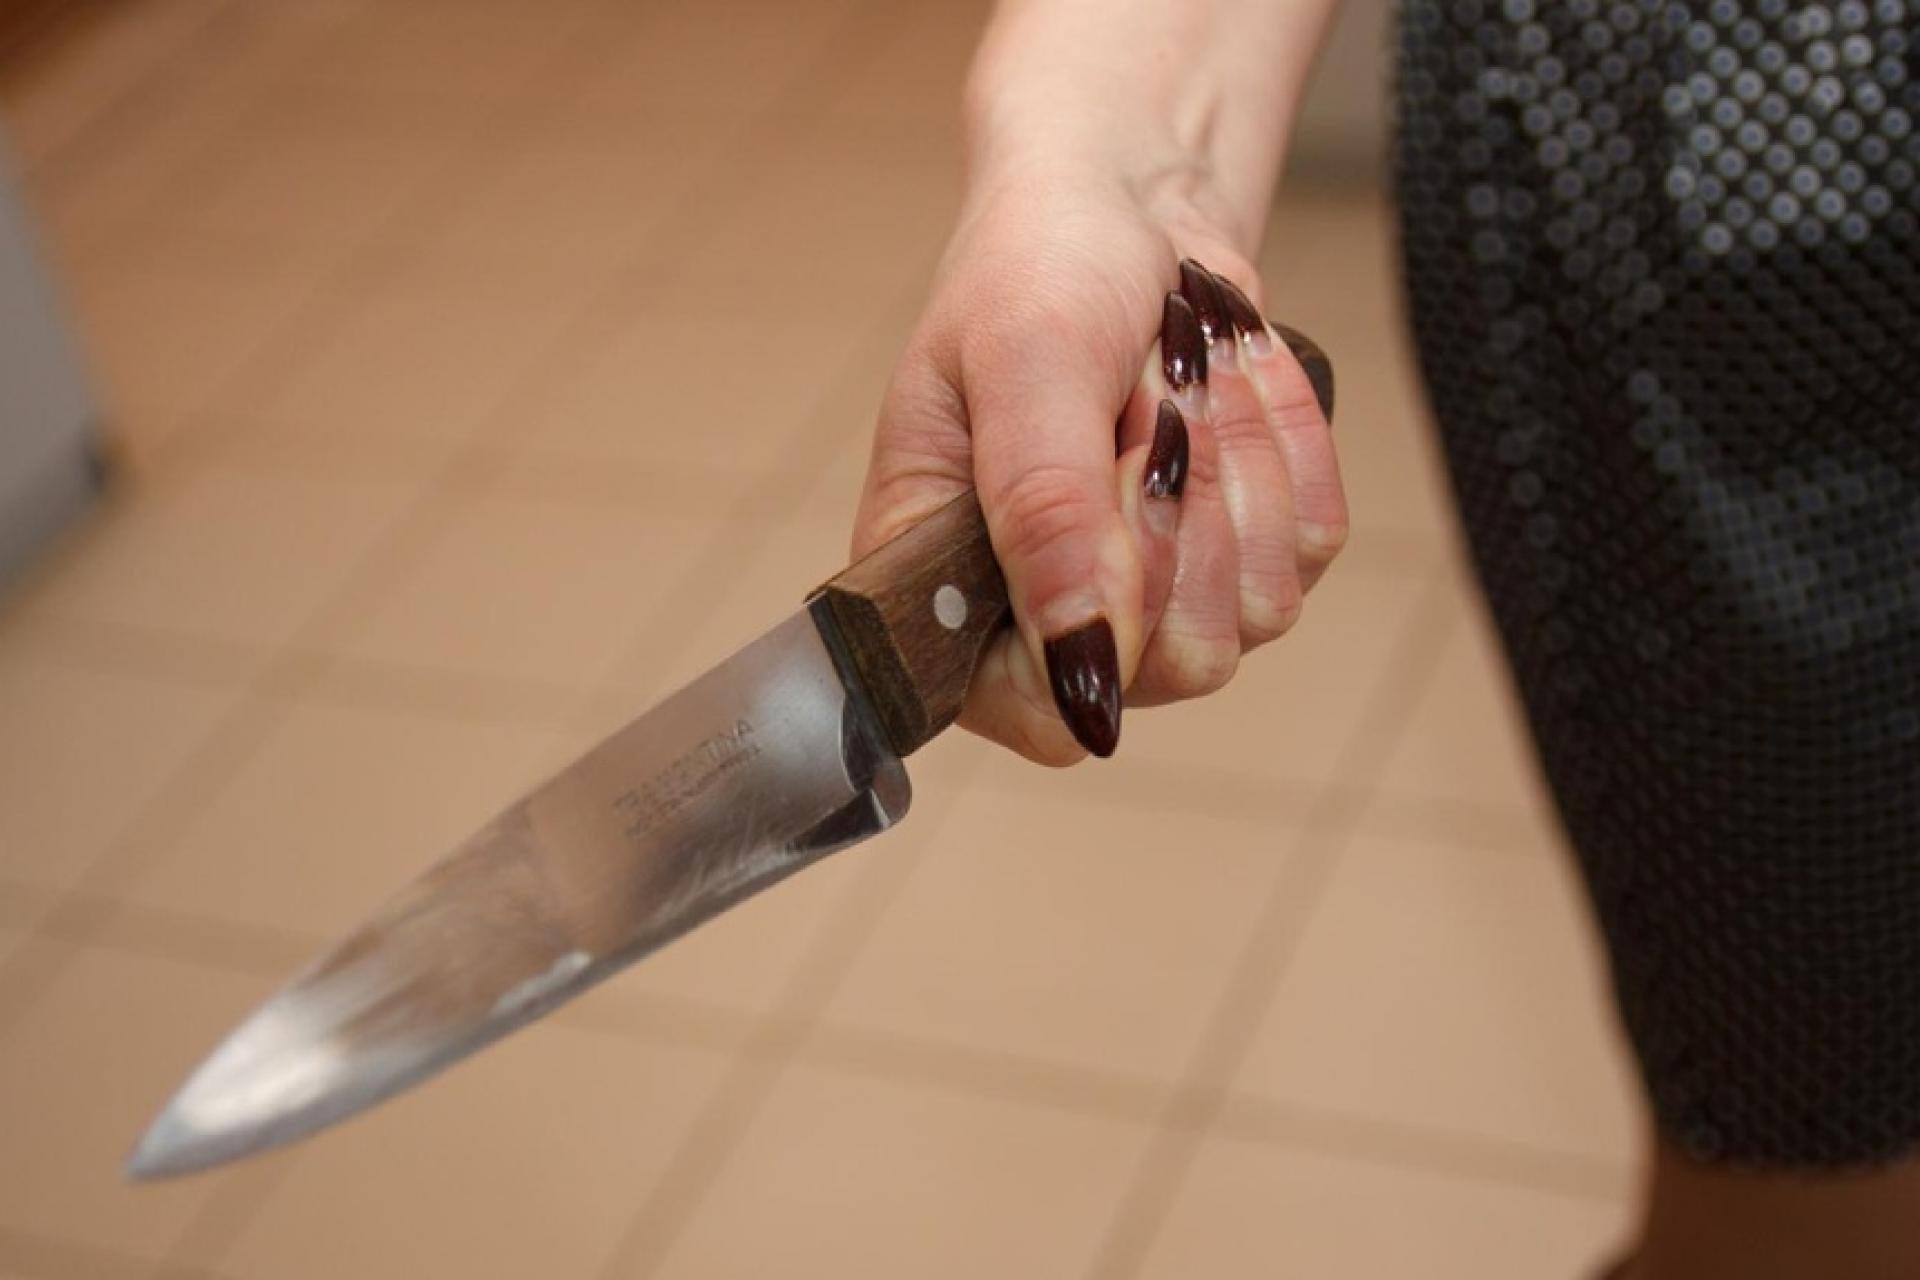 нож, раны, изрезала